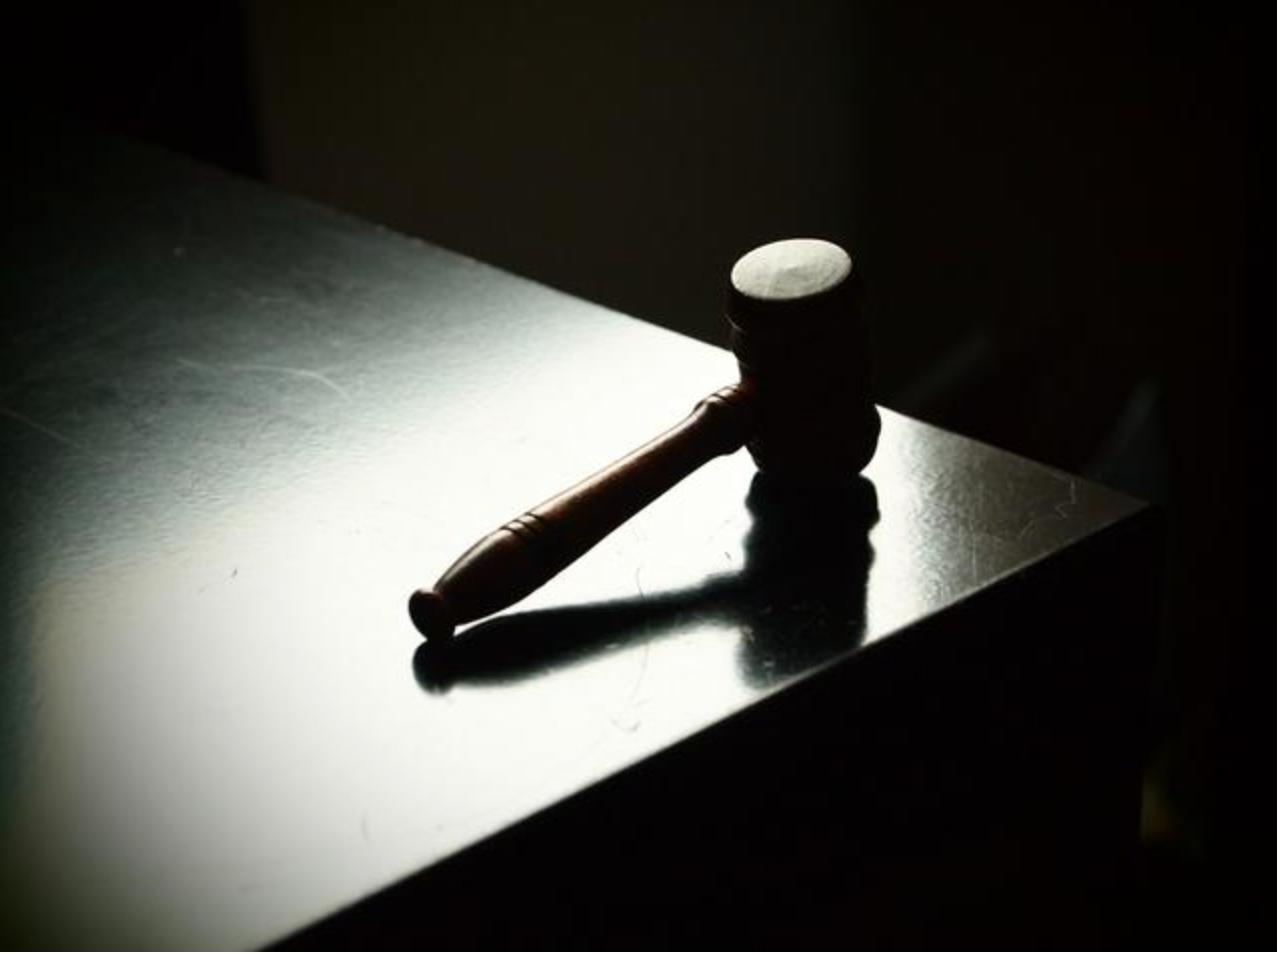 二审程序抗诉与再审程序抗诉的区别